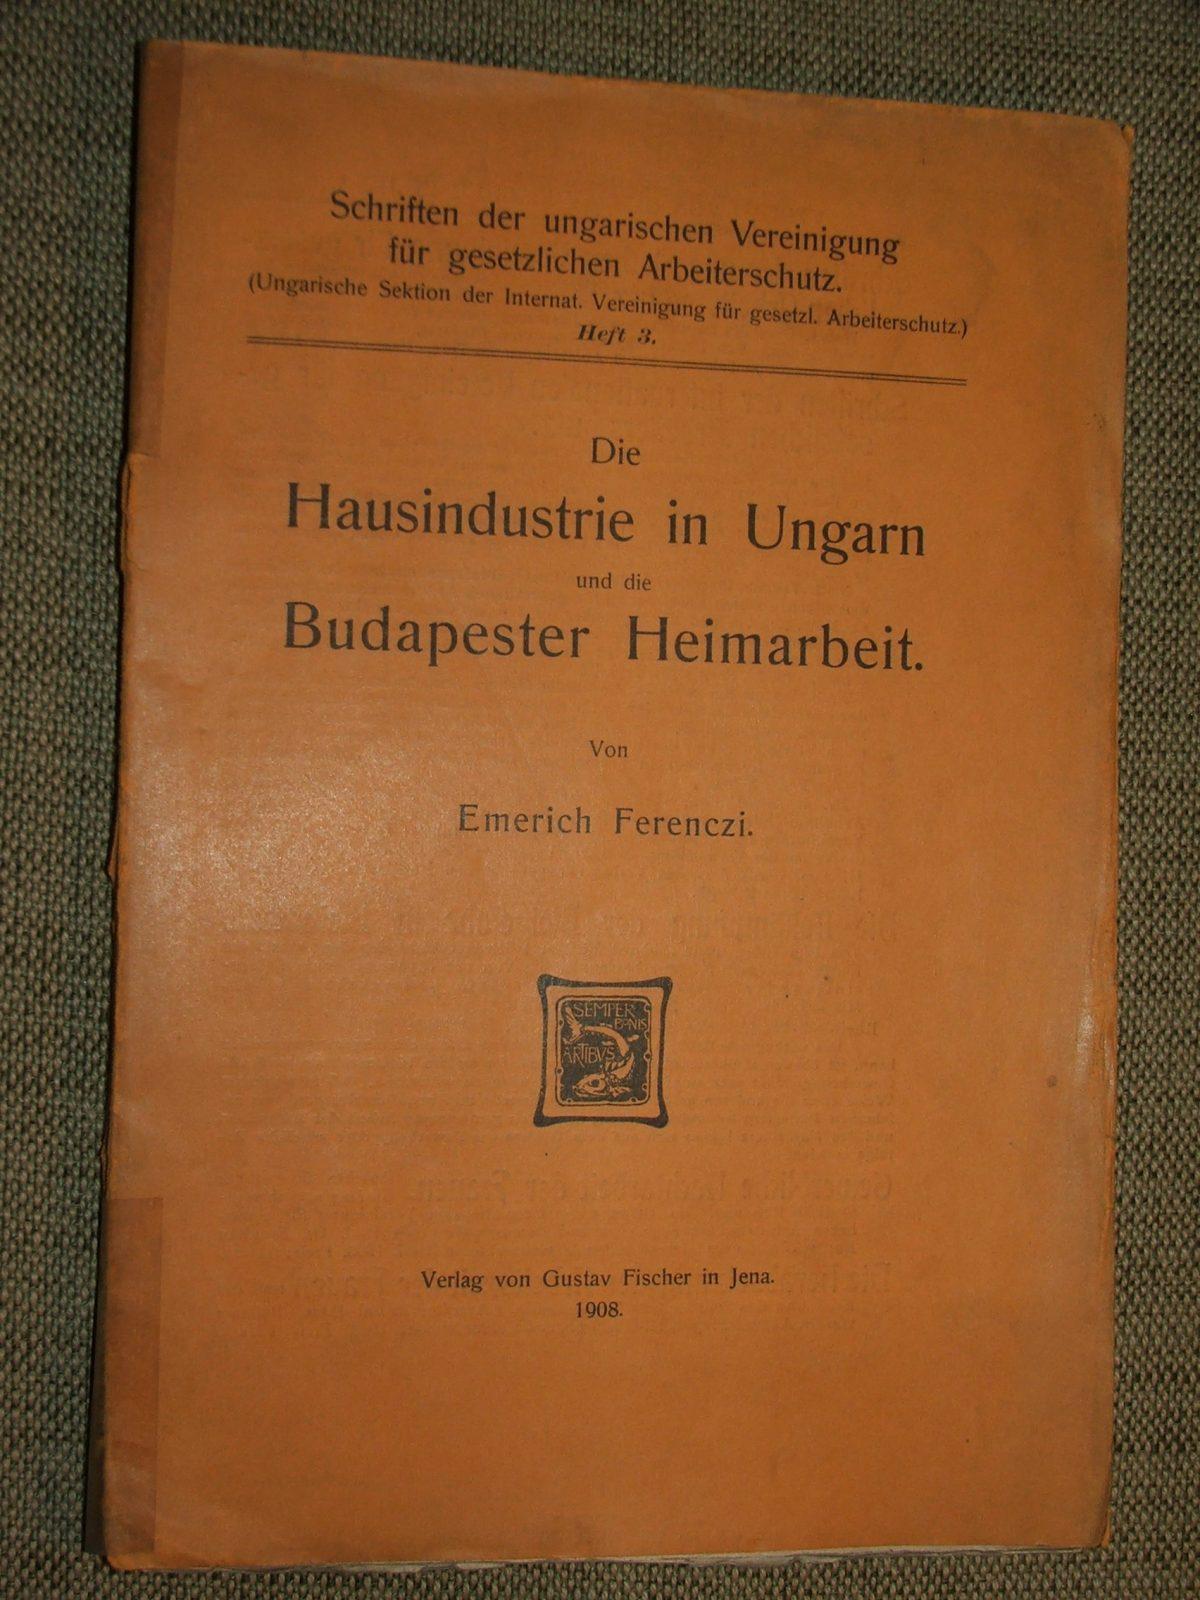 FERENCZI, Emerich (Imre): Die Hausindustrie in Ungarn und die Budapester Heimarbeit.